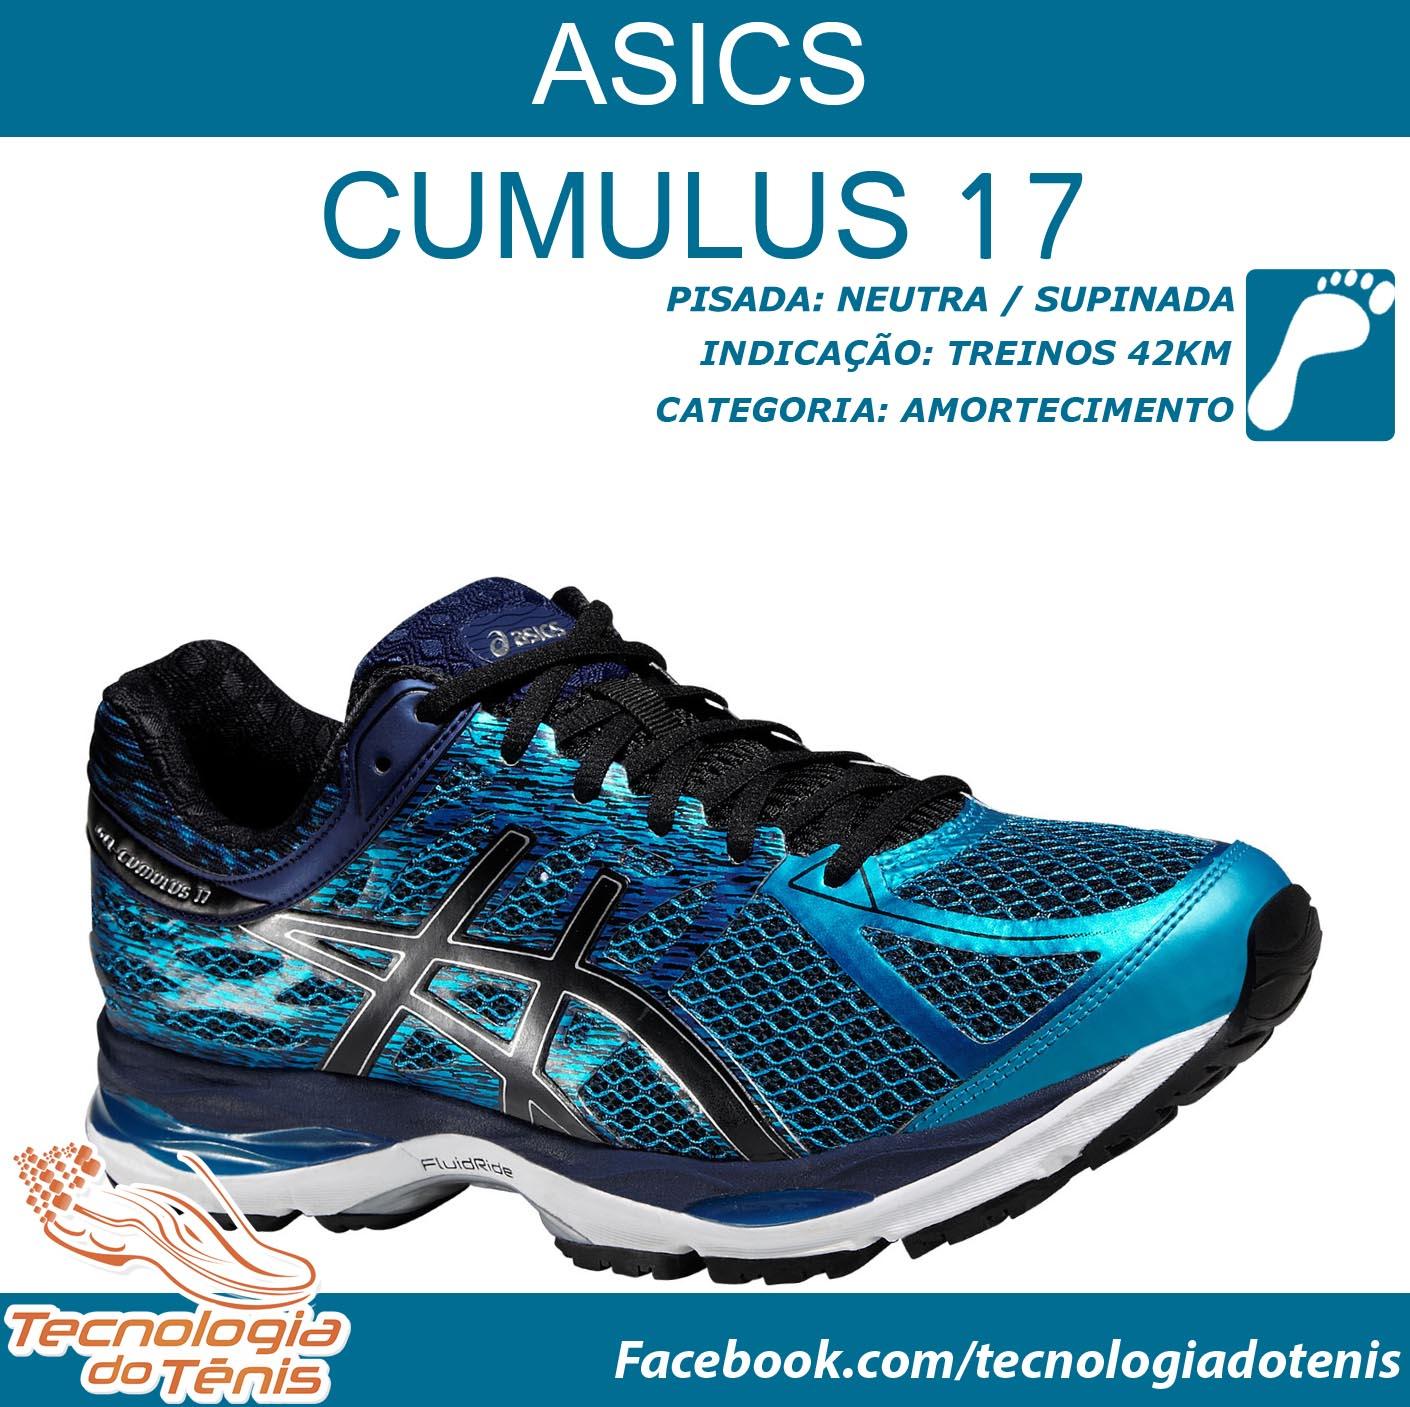 ec72074ffd2 Asics Cumulus 17 - Tecnologia do Tênis